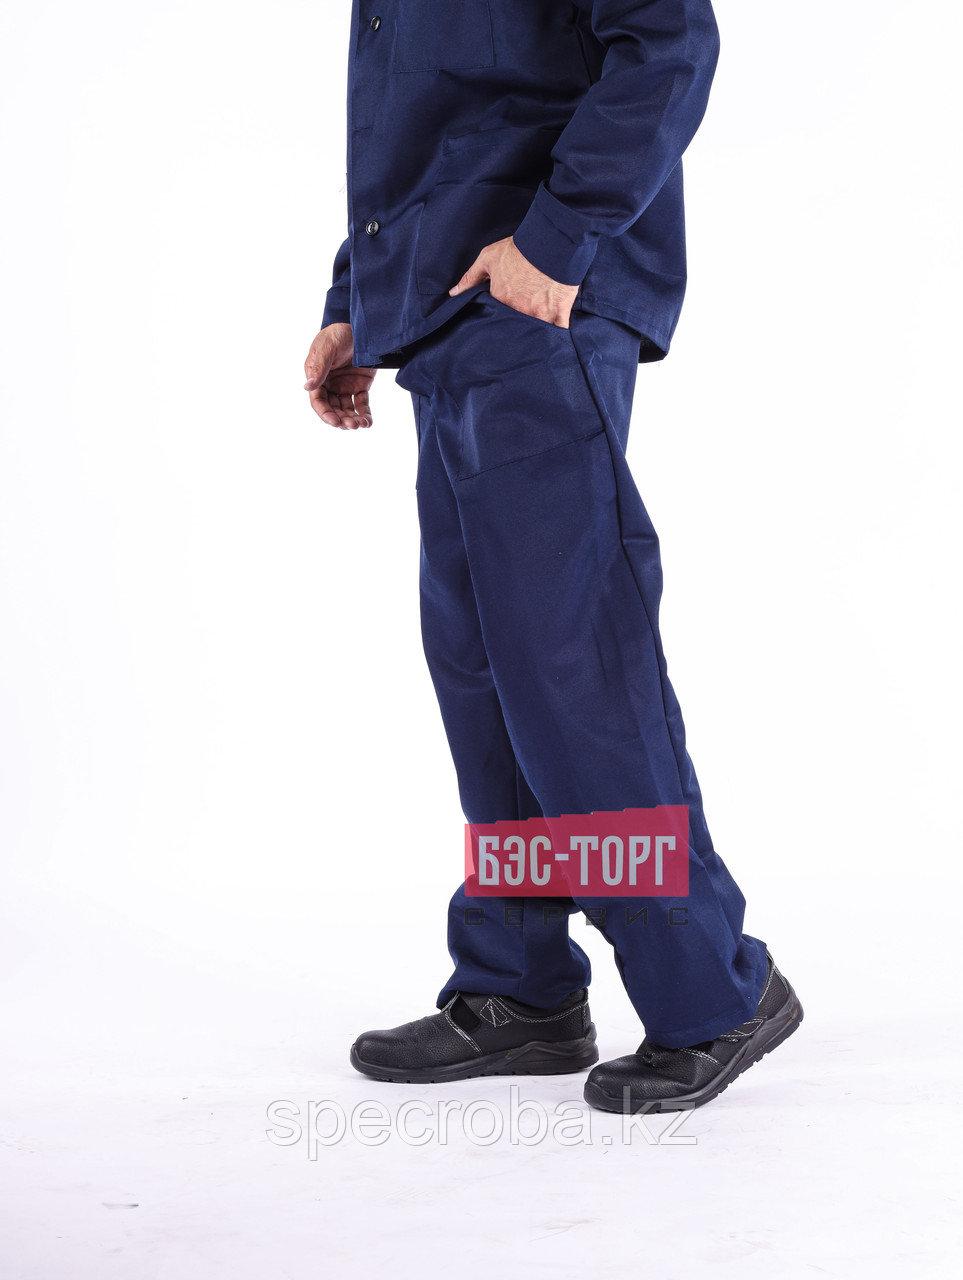 Костюм РАБОТНИК куртка + брюки - фото 5